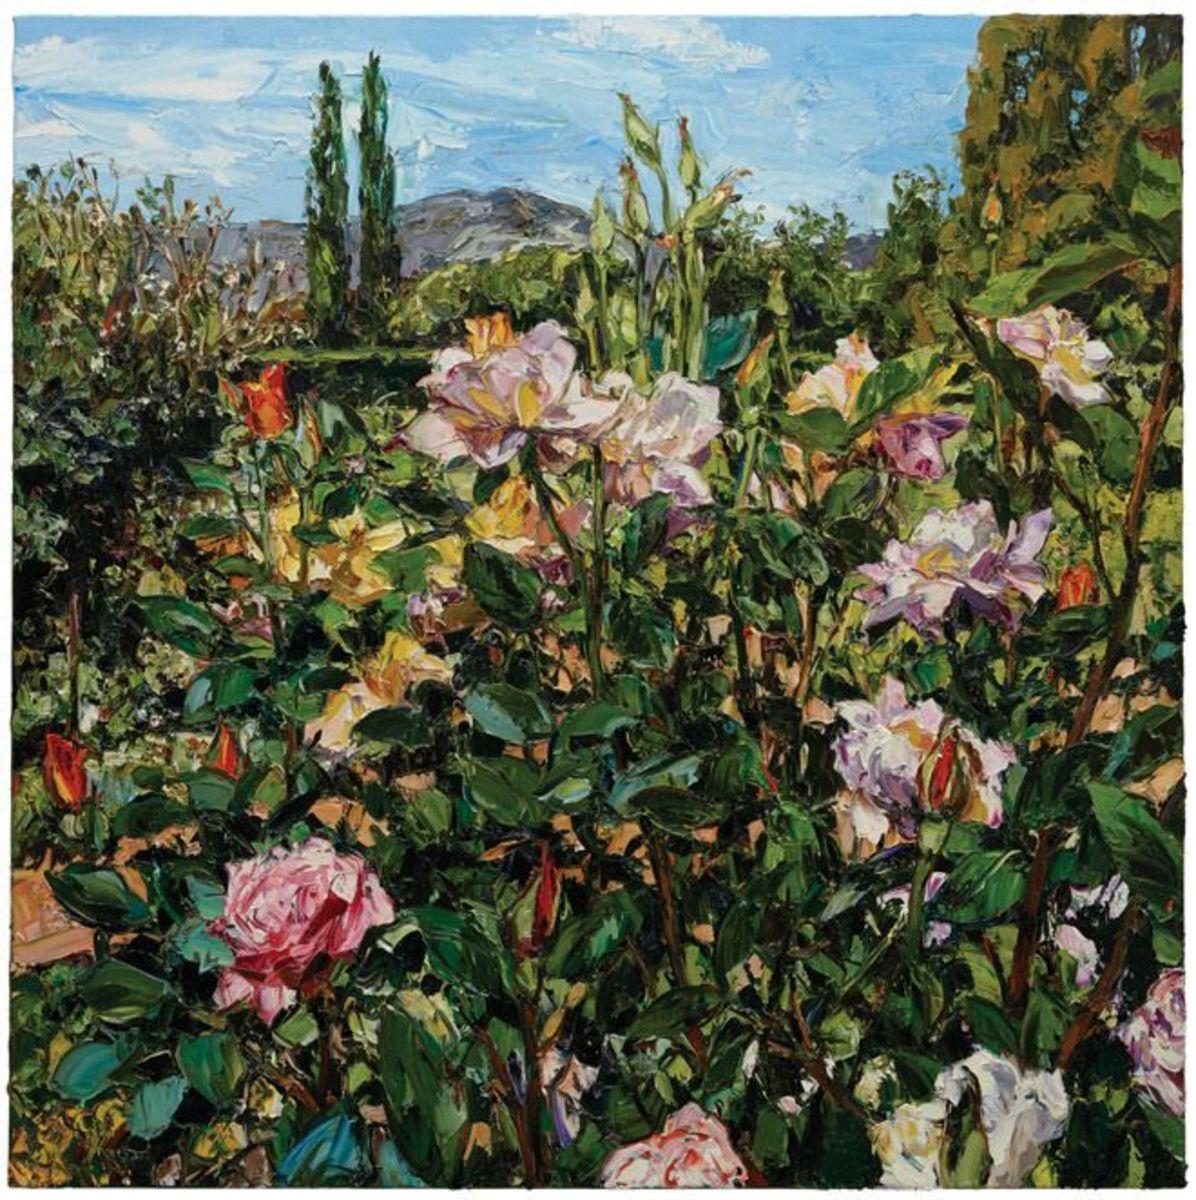 Tumbarumba garden landscape